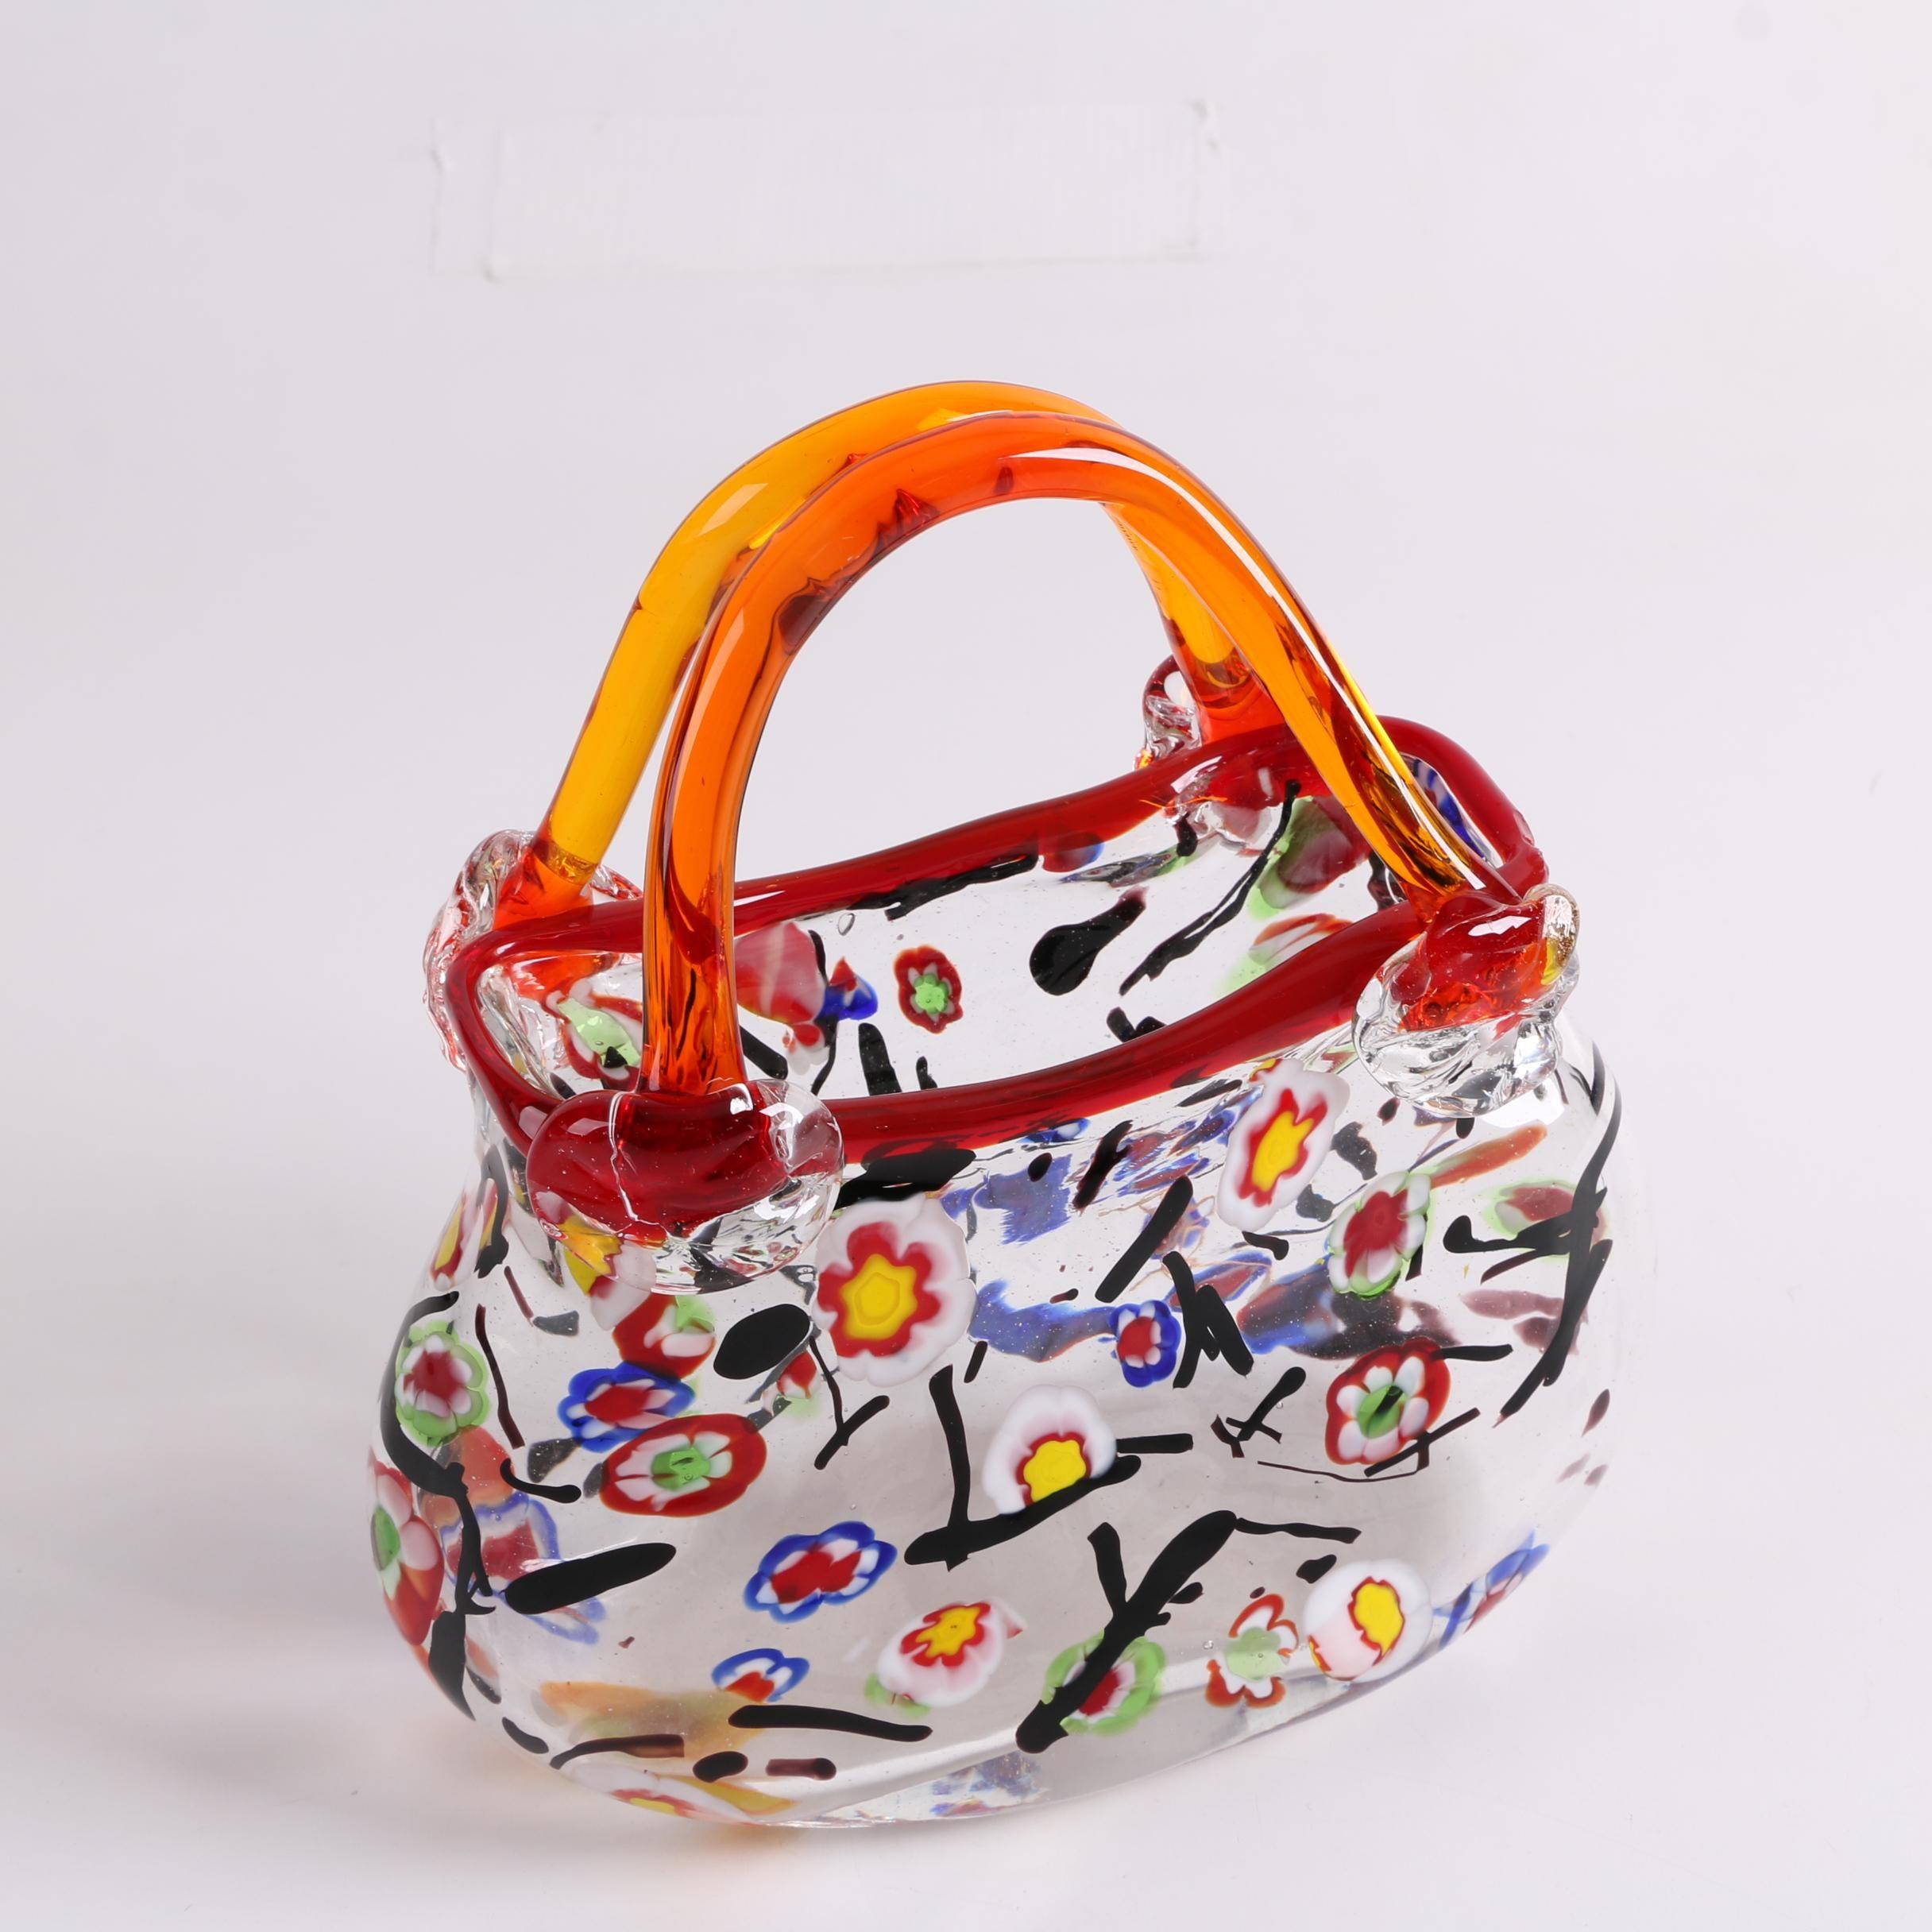 Murano Style Millefiori Blown Glass Handbag Vase